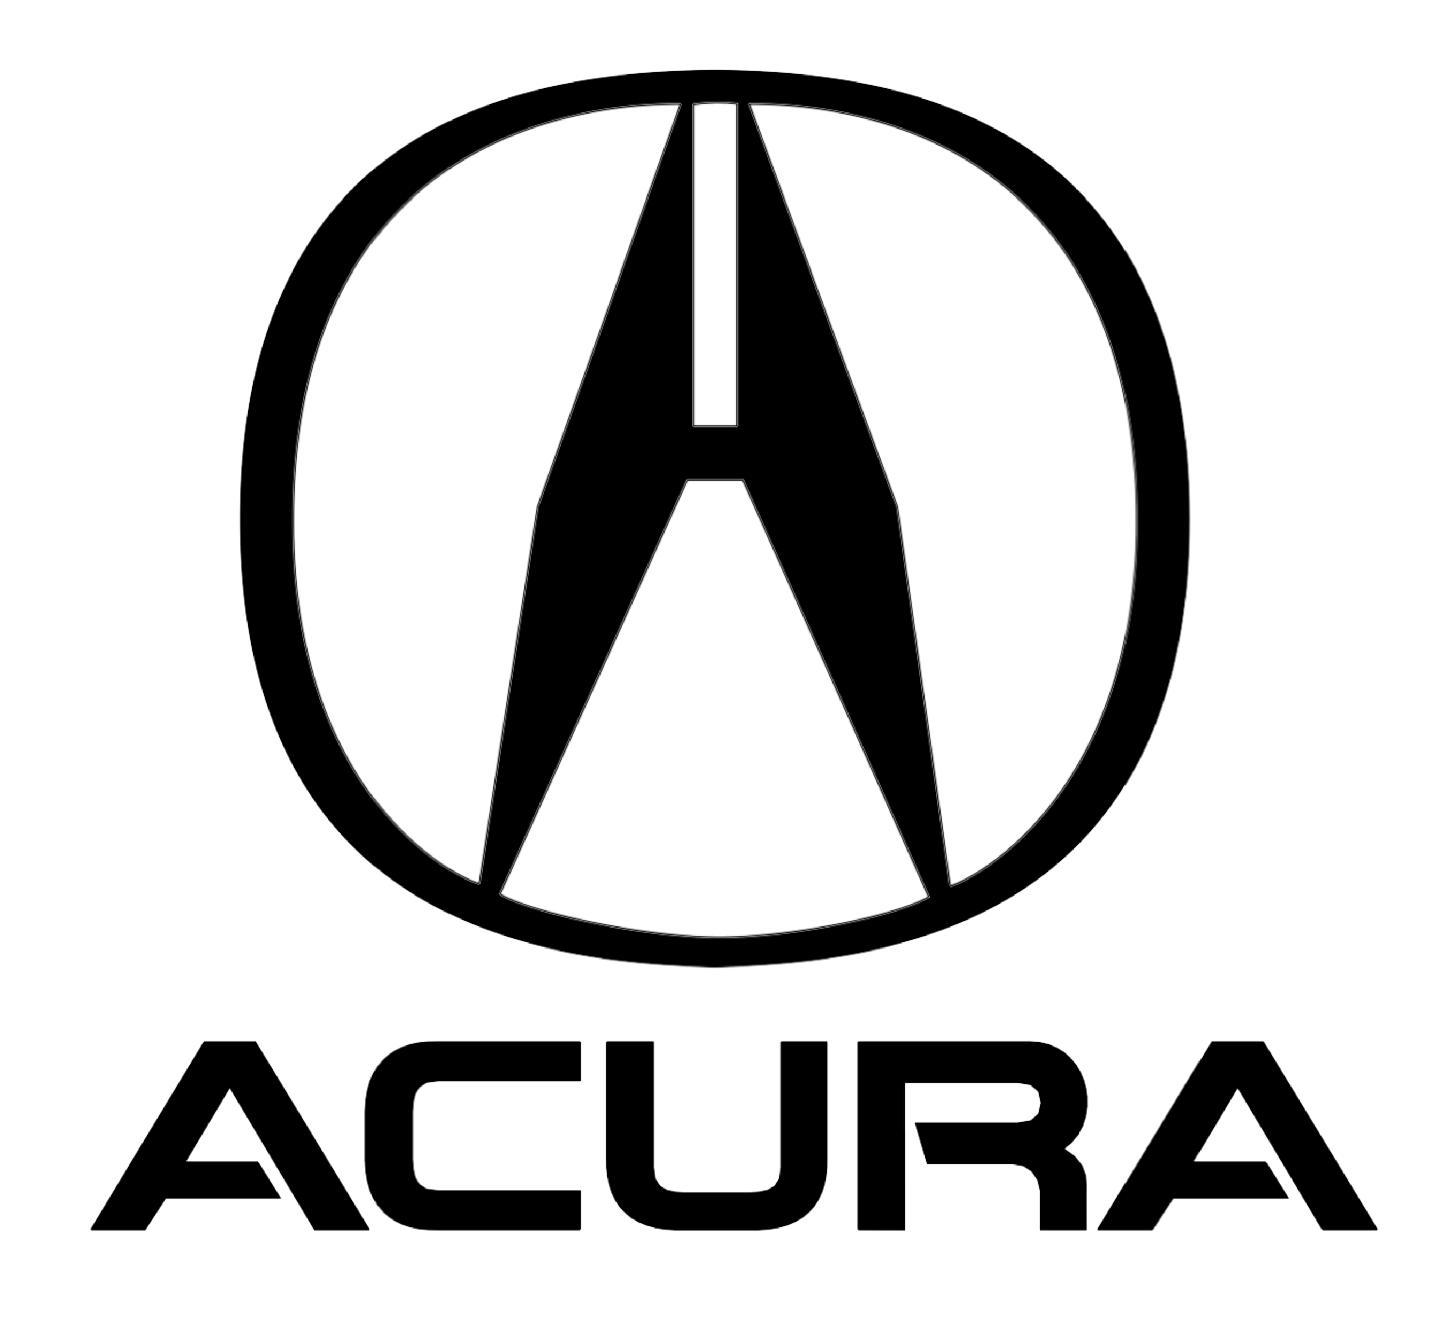 Auto Cars Logos Acura Logo